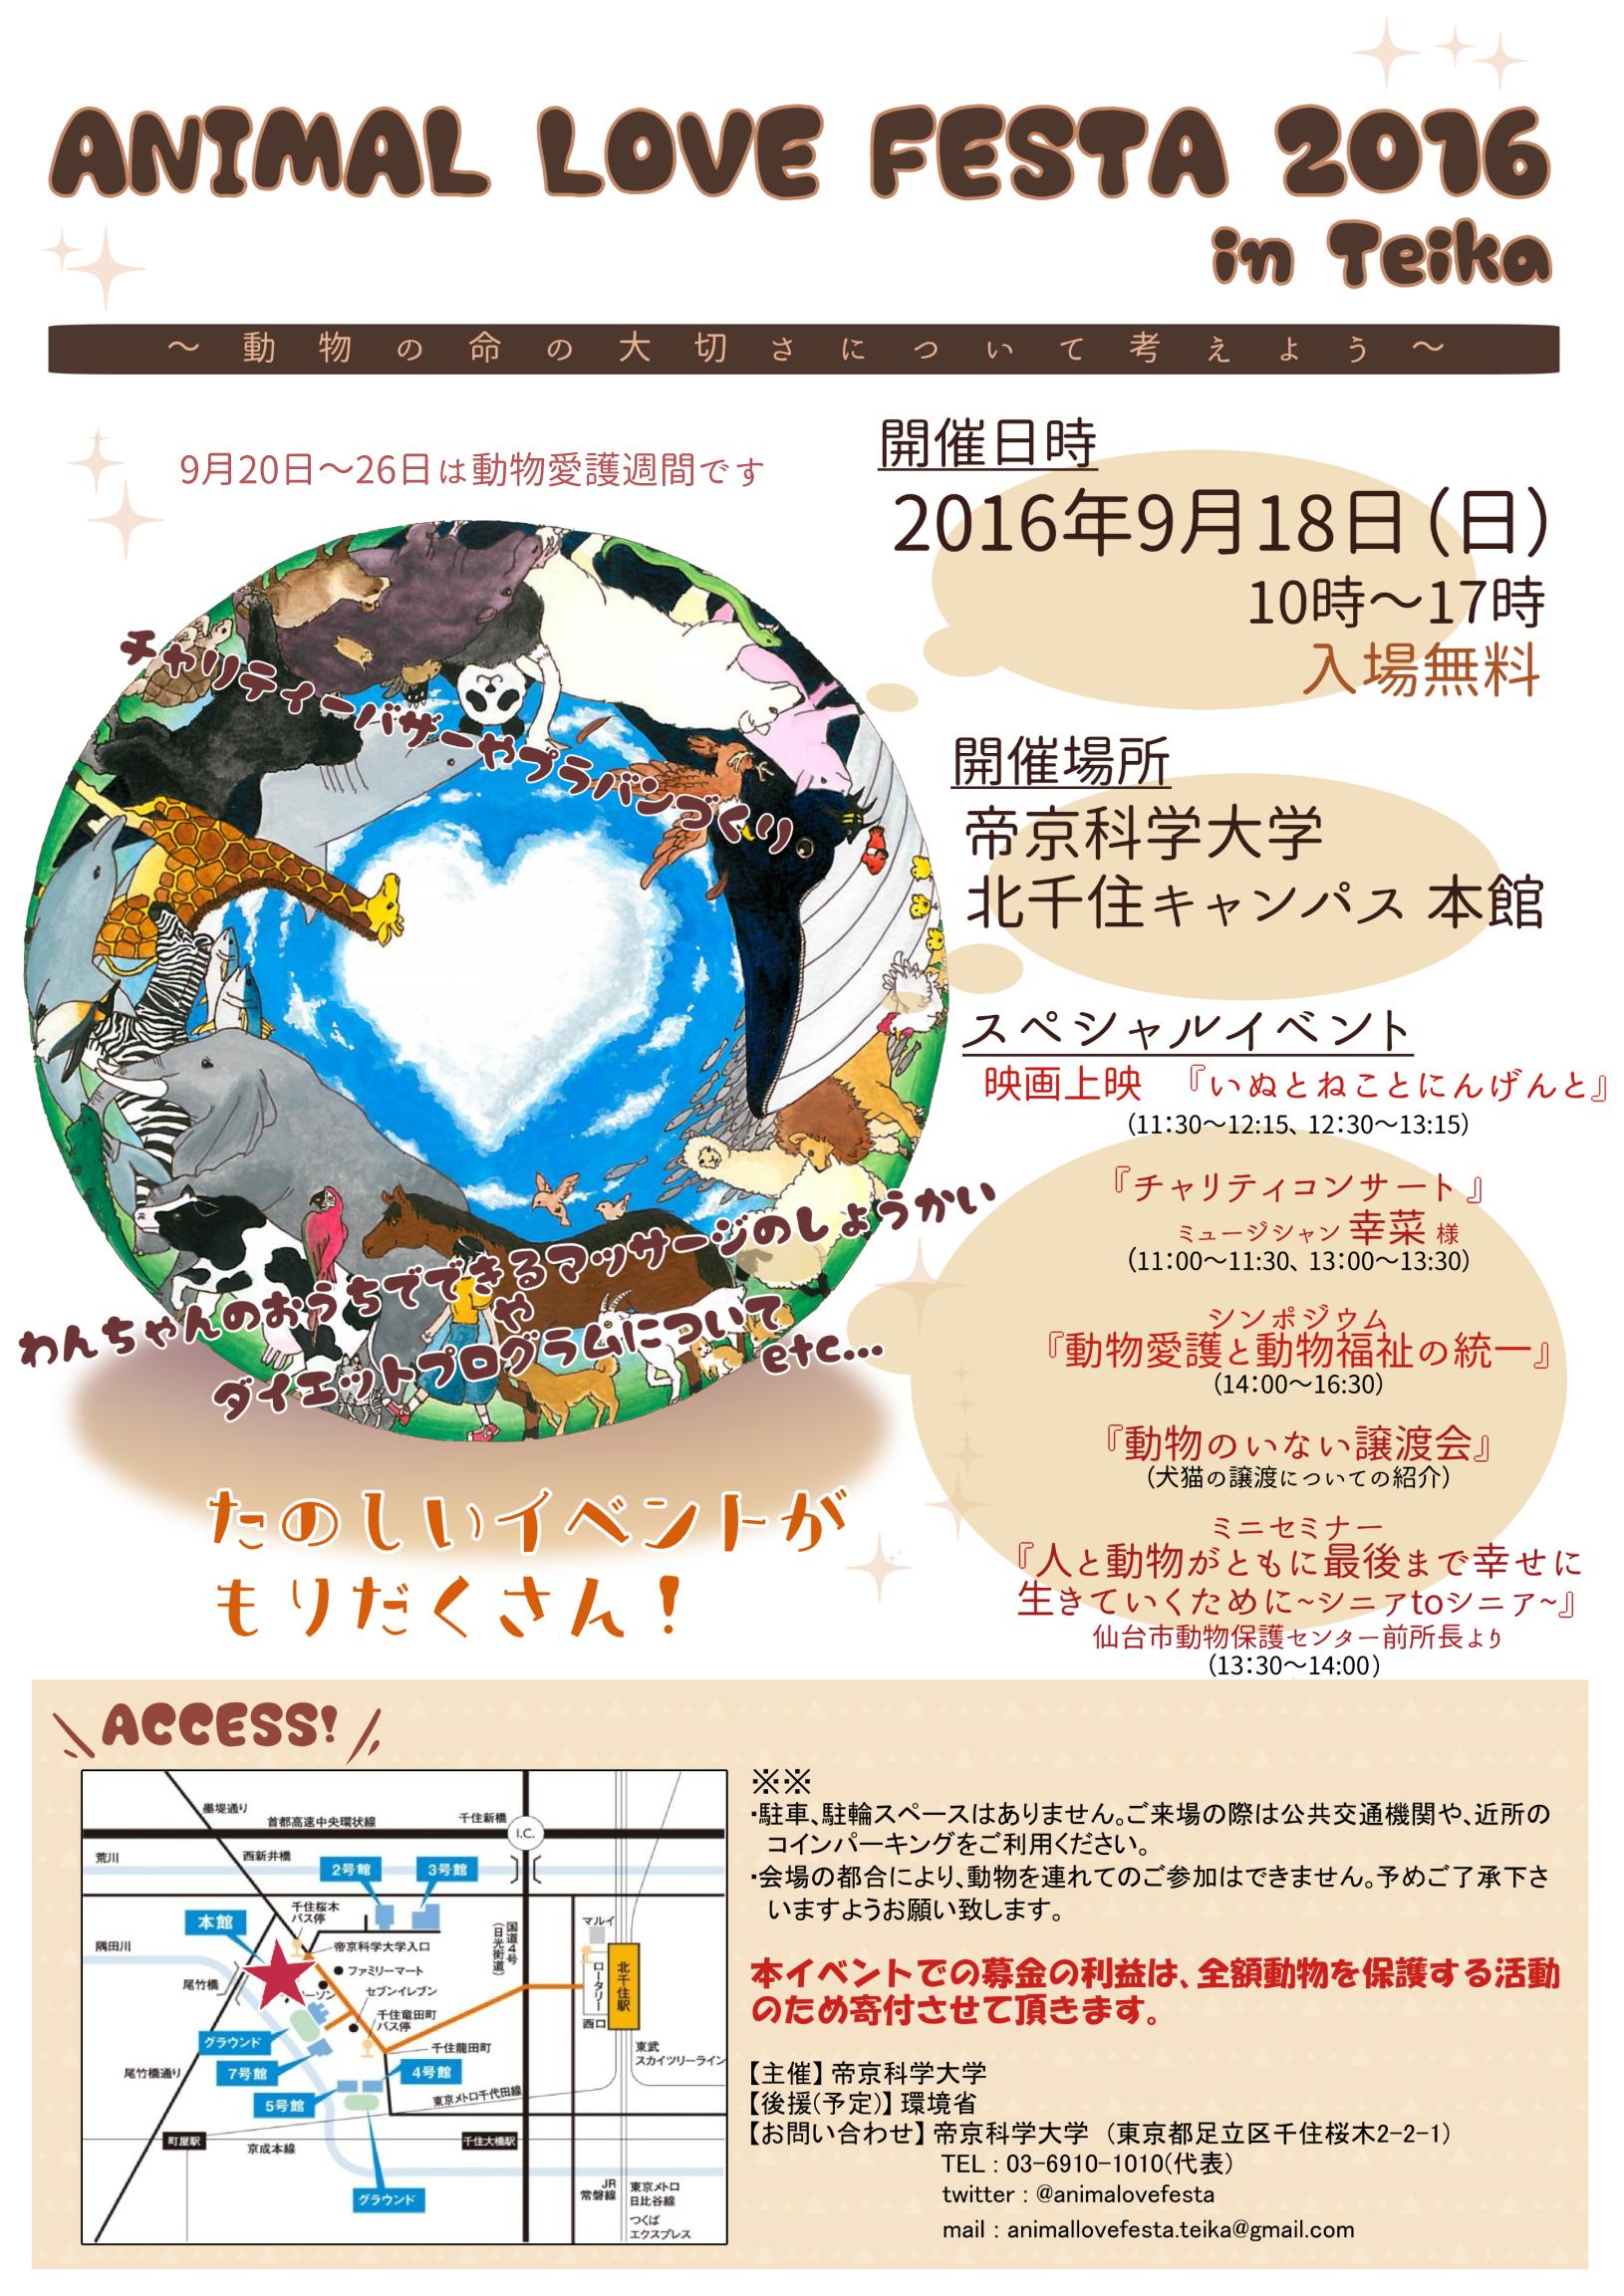 http://www.ntu.ac.jp/images/2016lovefes.jpg